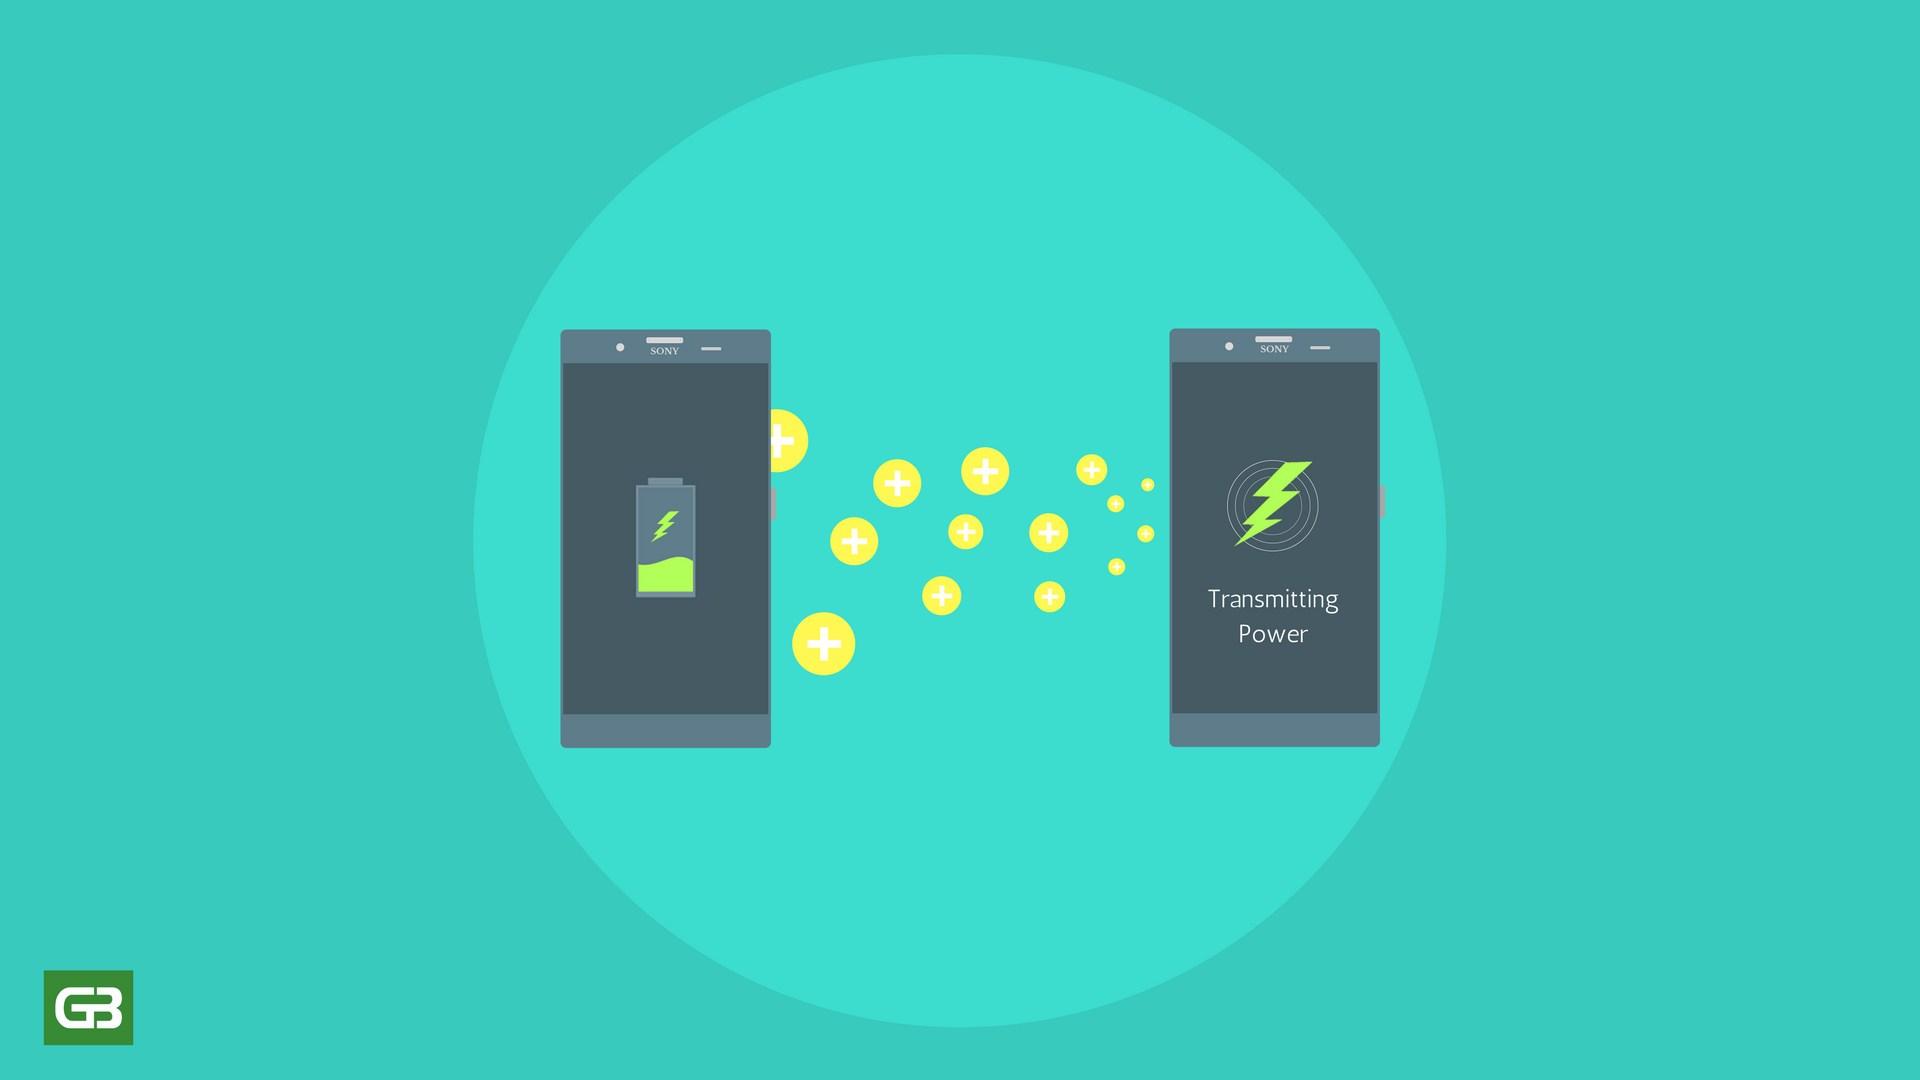 Esto es magia: Sony patenta el traspaso inalámbrico de energía entre smartphones